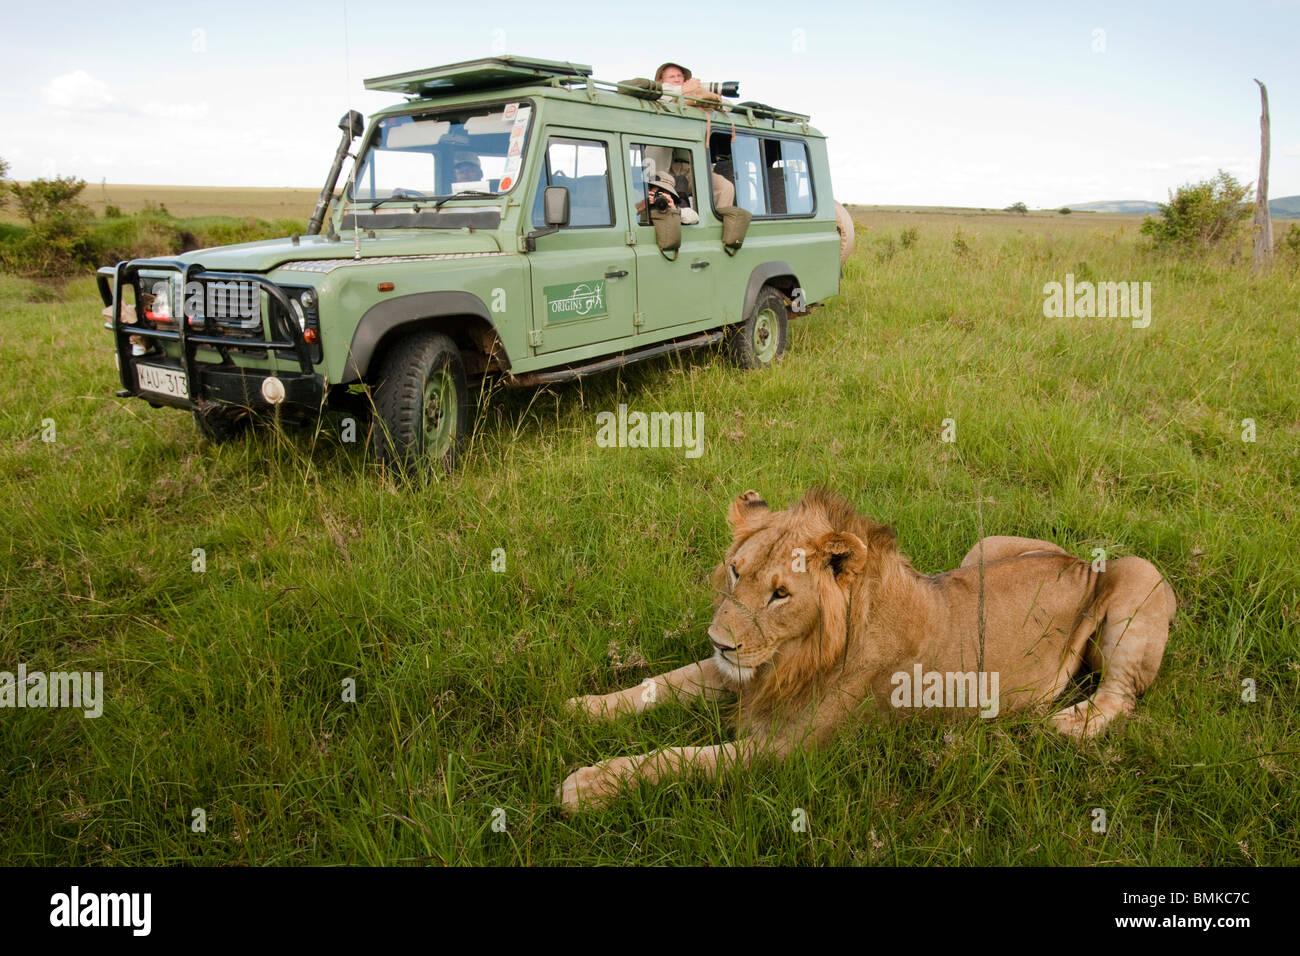 León Africano, Panthera leo, en frente de vehículos de turismo en el Masai Mara GR, Kenya. Imagen De Stock